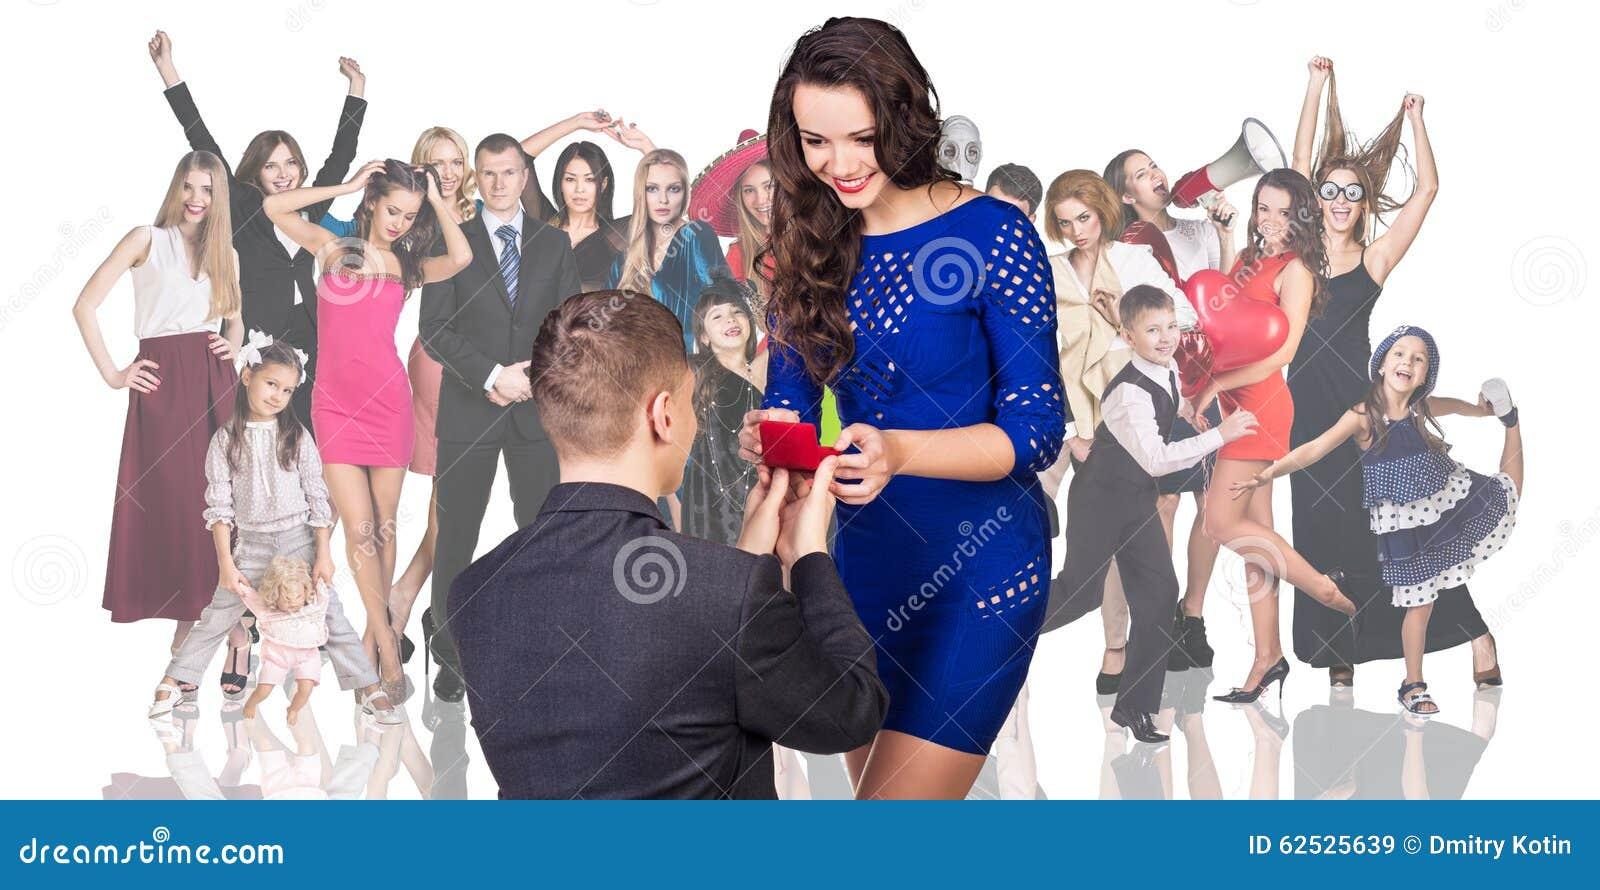 人做提案他的女朋友